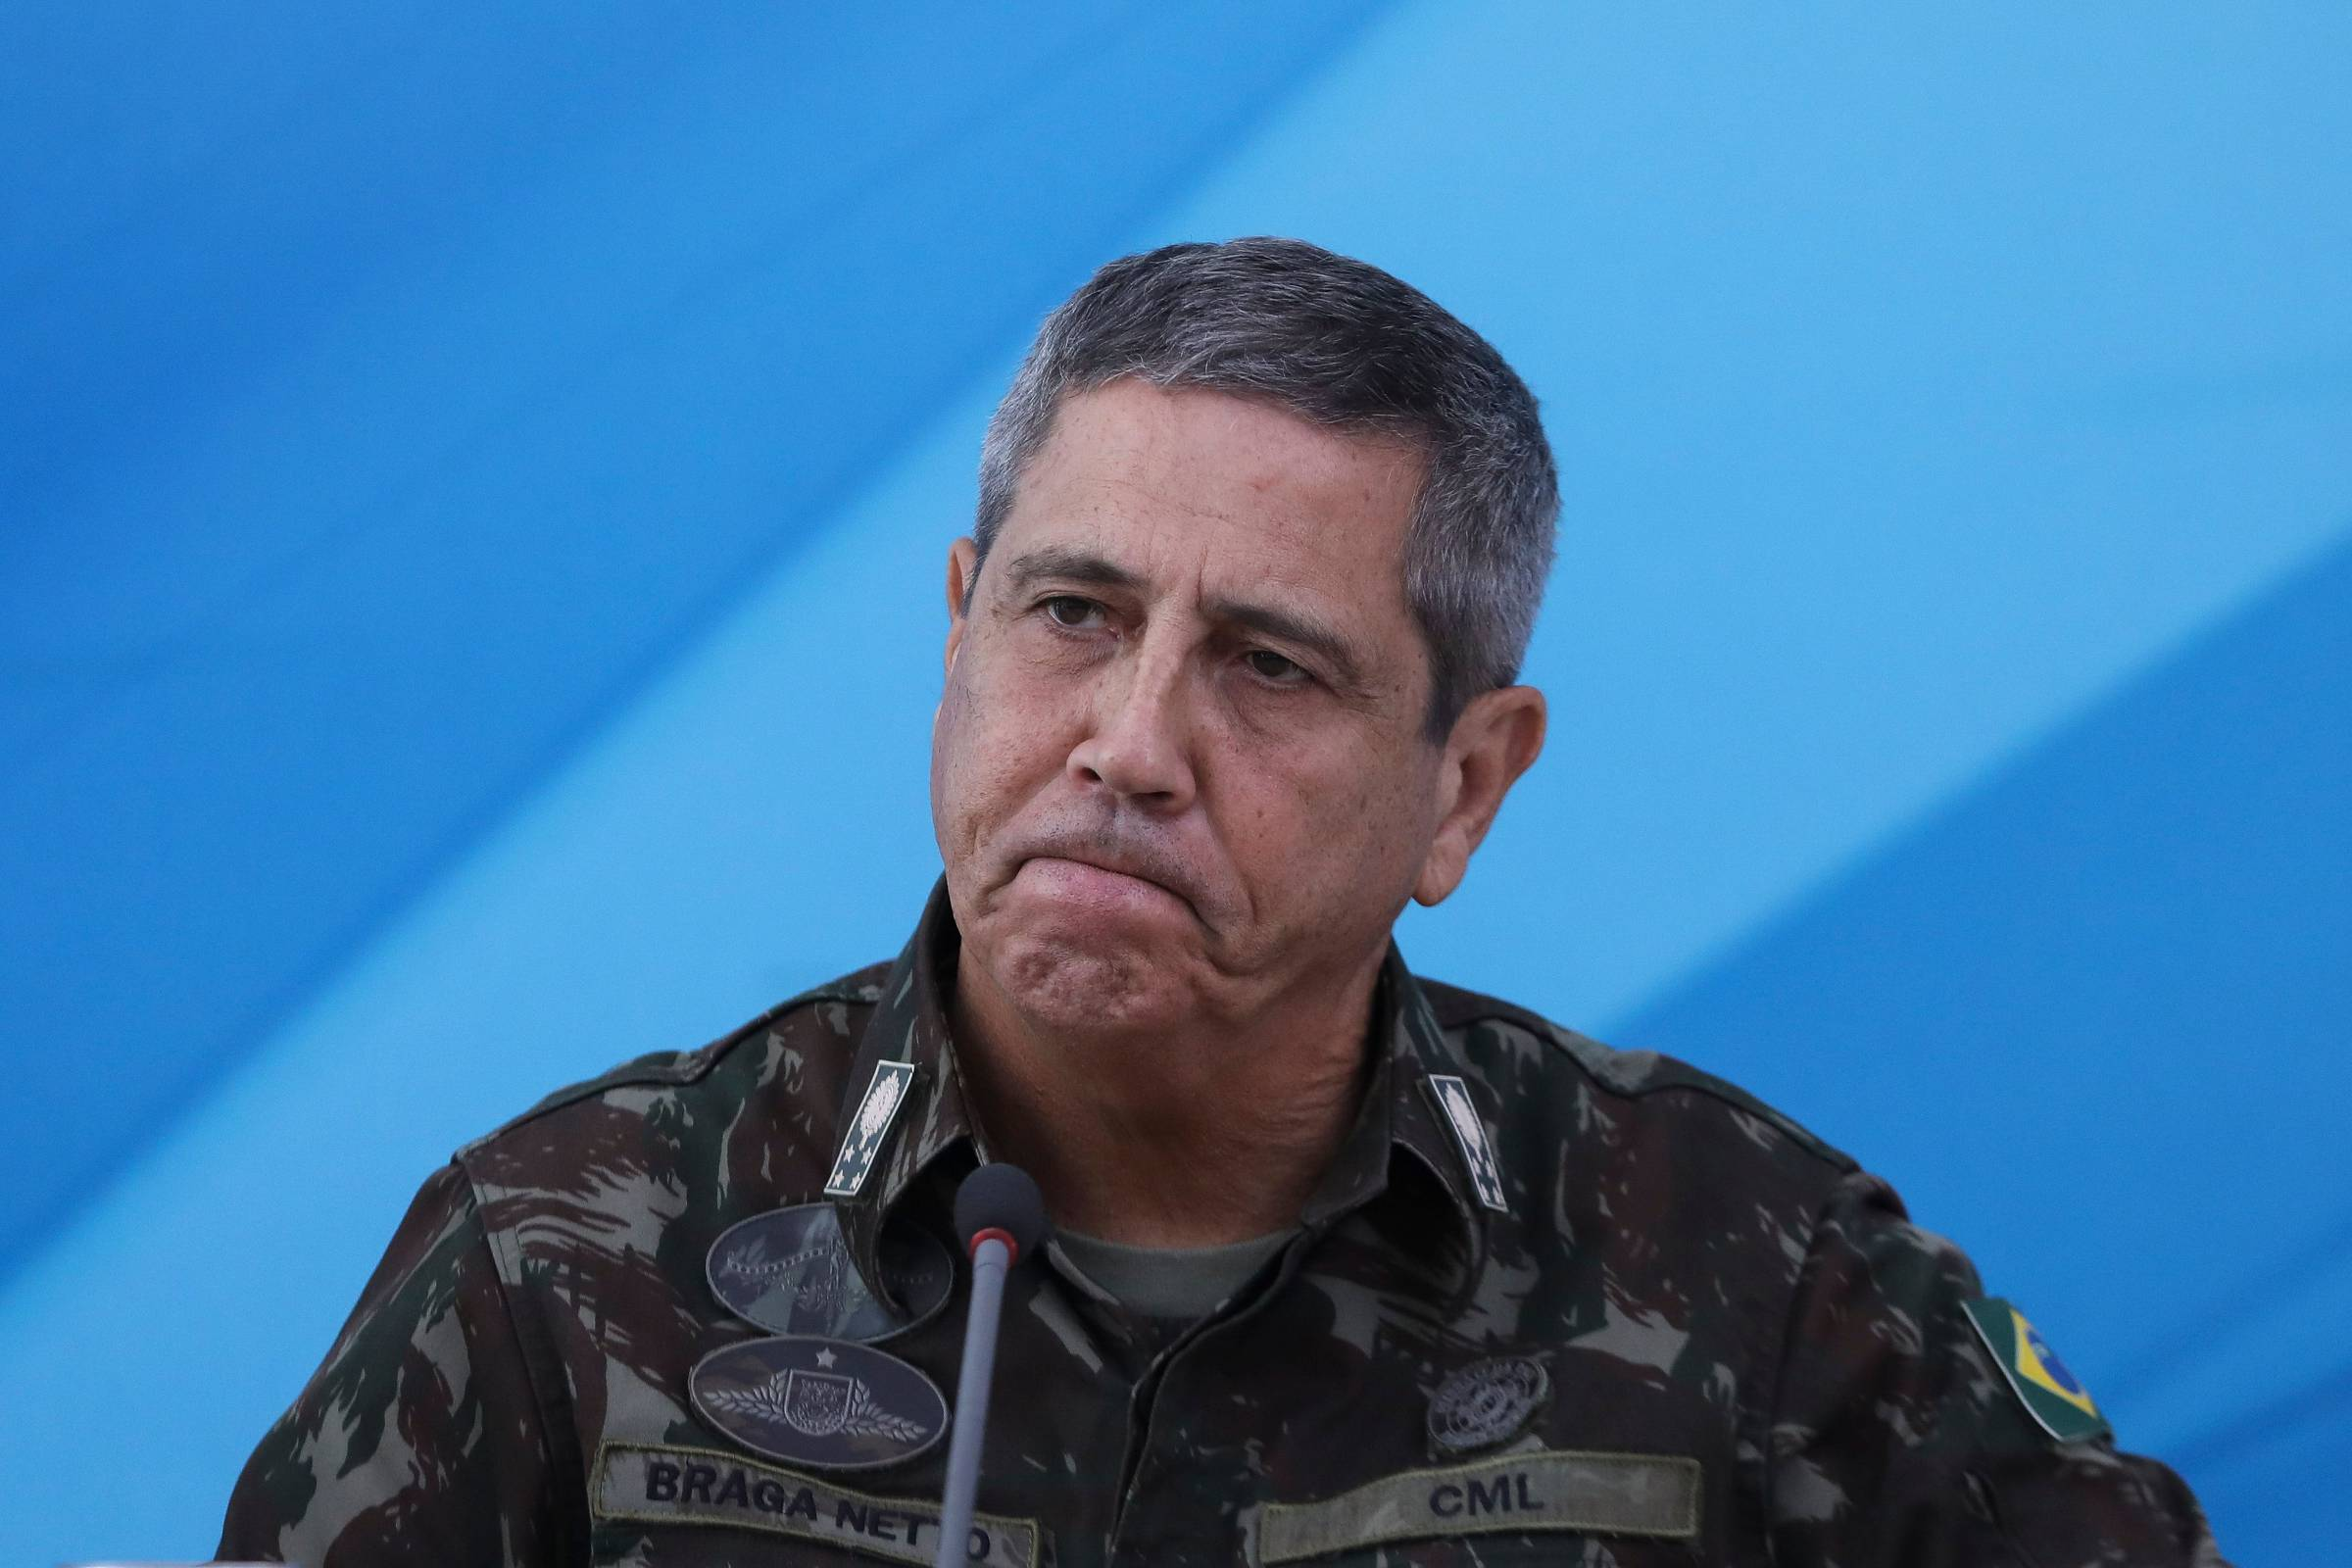 Diputado quiere que Braga Netto explique las 'amenazas' de las Fuerzas Armadas a los parlamentarios - 07/08/2021 - Mônica Bergamo / Brasil - Titulares.ar